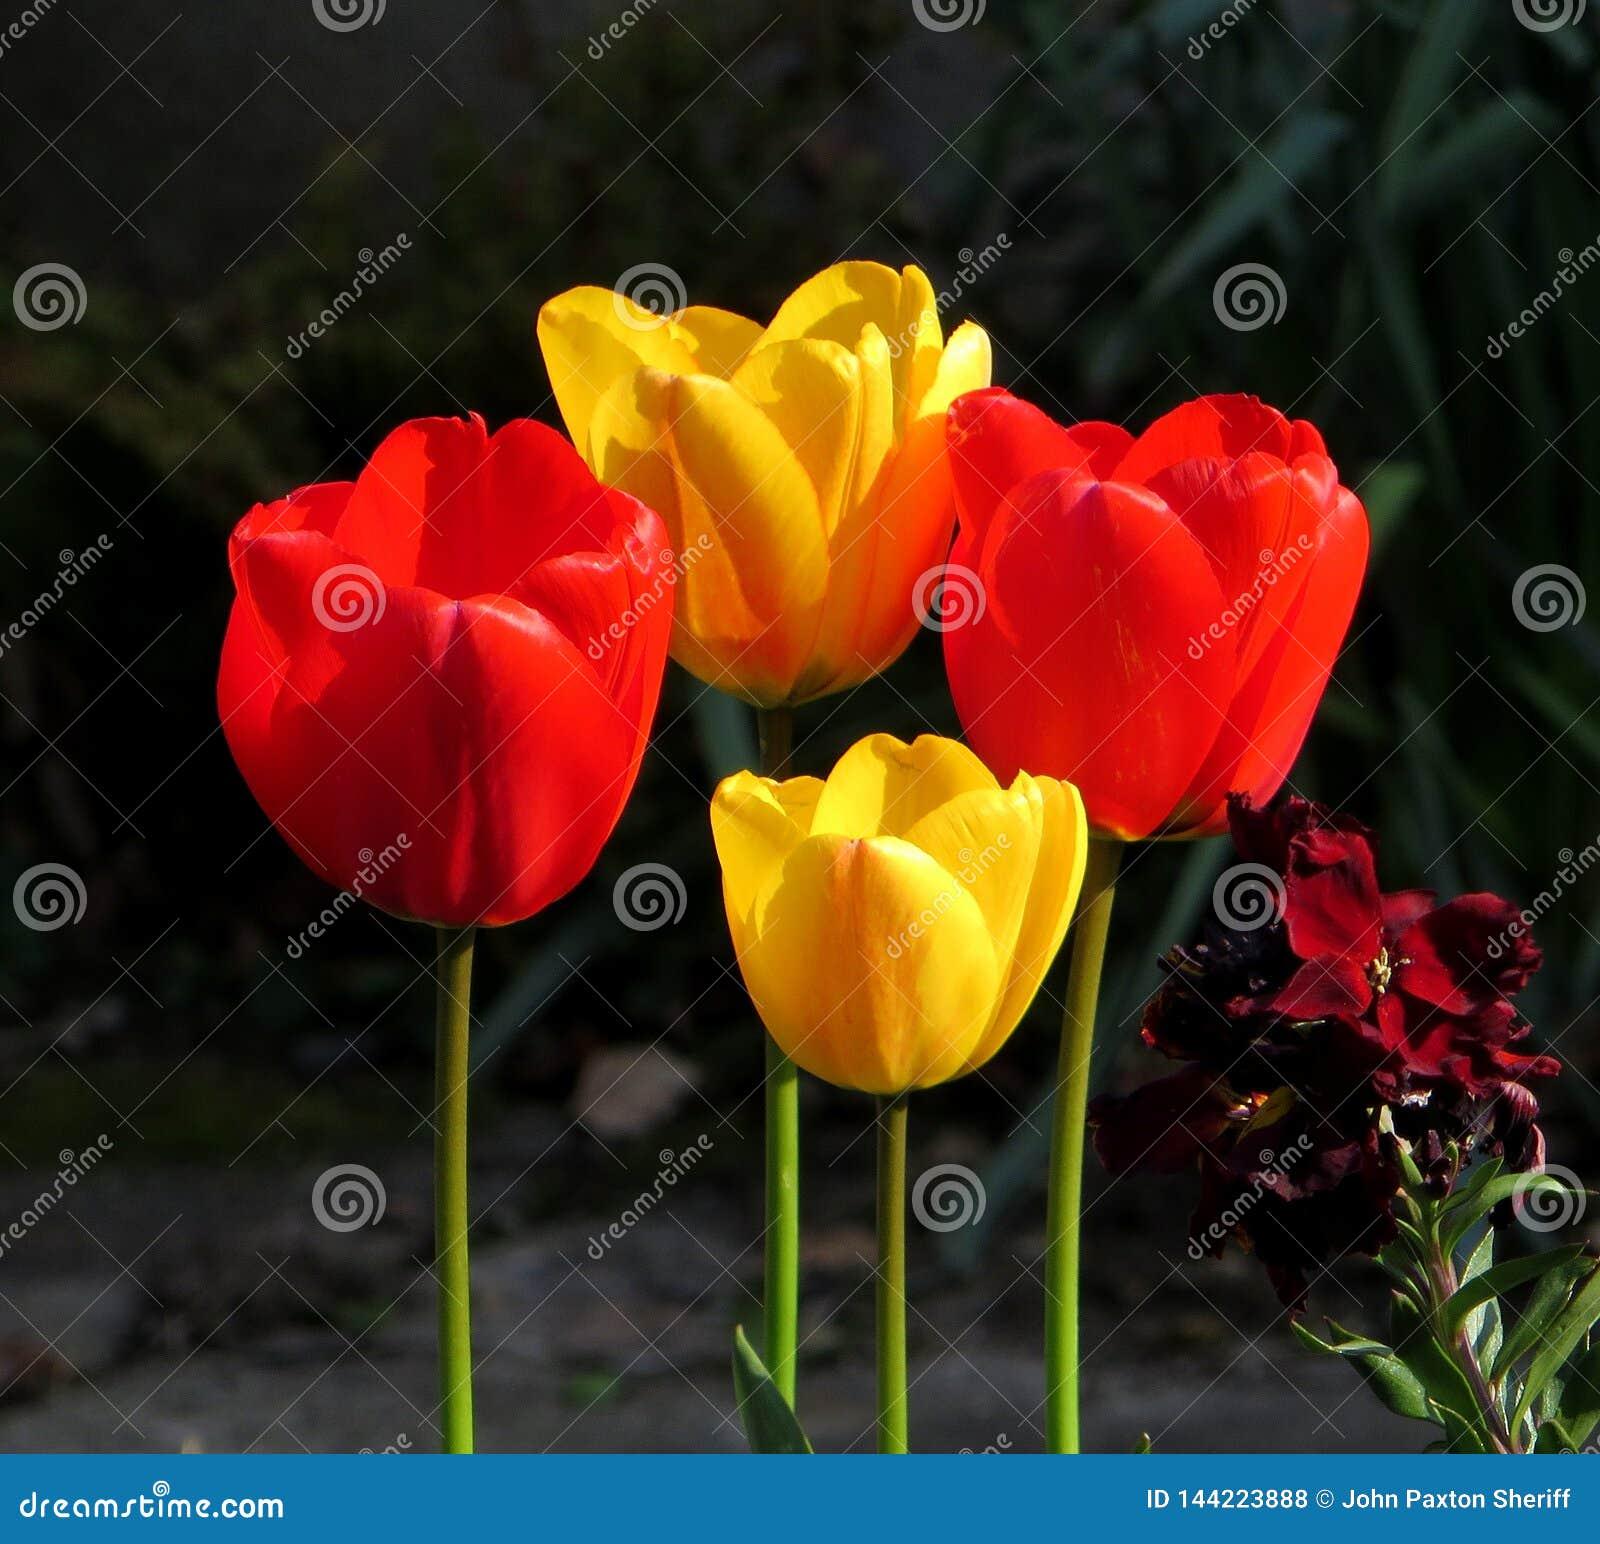 郁金香,红色和黄色,笔直,美丽,在明亮的阳光下